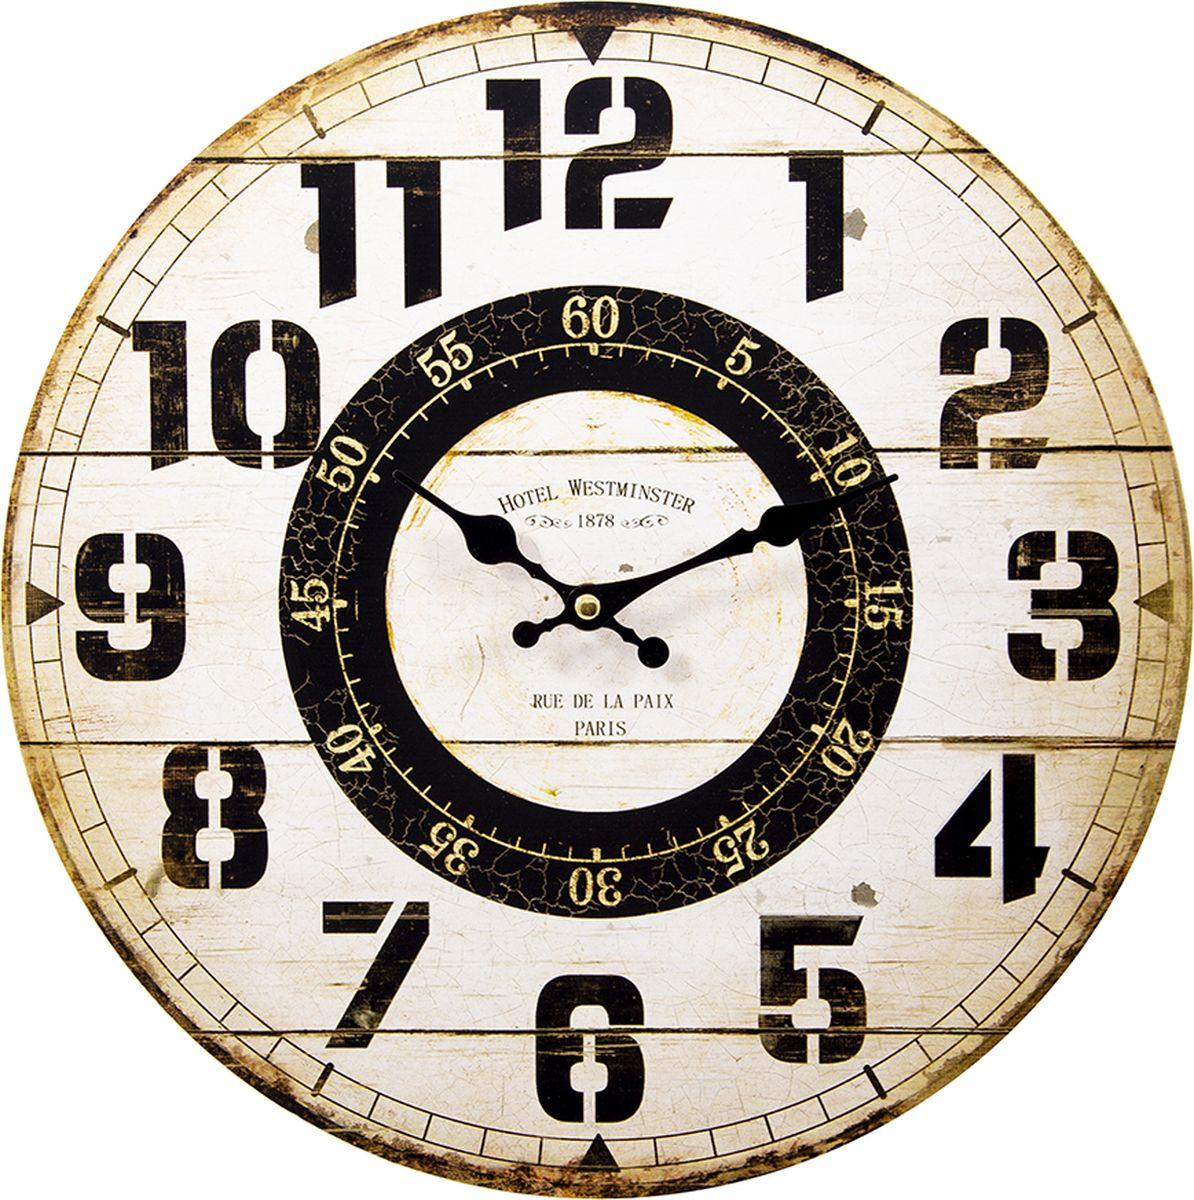 Настенные часы Русские подарки, 138649, мультиколор, 34 х 34 см все цены